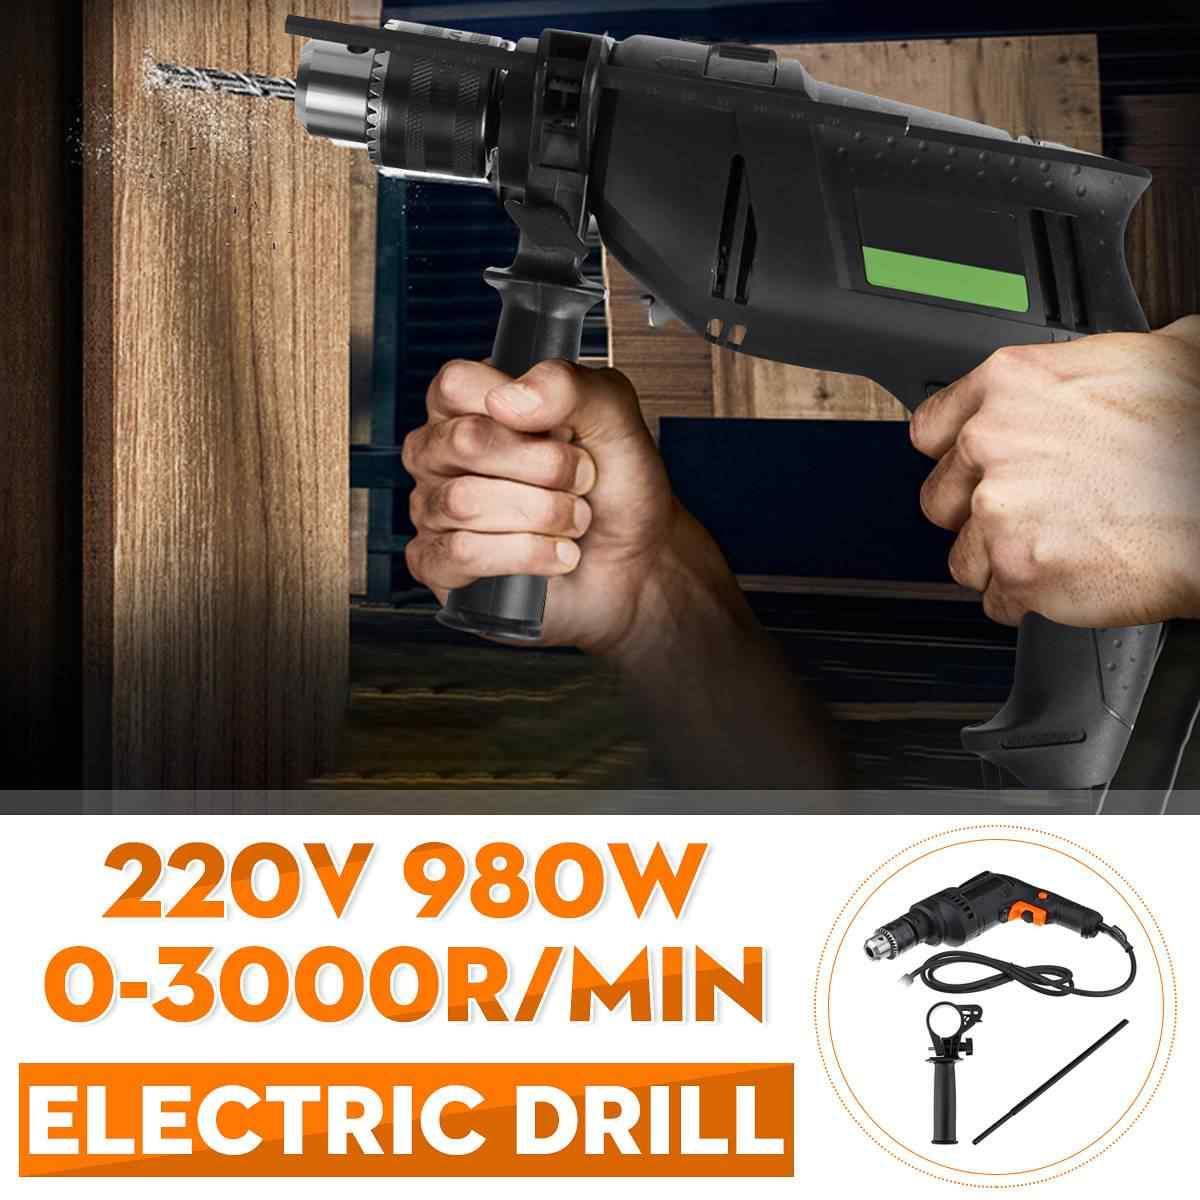 Drillpro 980W 3000 Vòng/phút Điện Đa Năng Tác Động Khoan Vặn Vít Máy Mài Góc  Máy Đánh Bóng Cắt Búa Điện Electric Drills